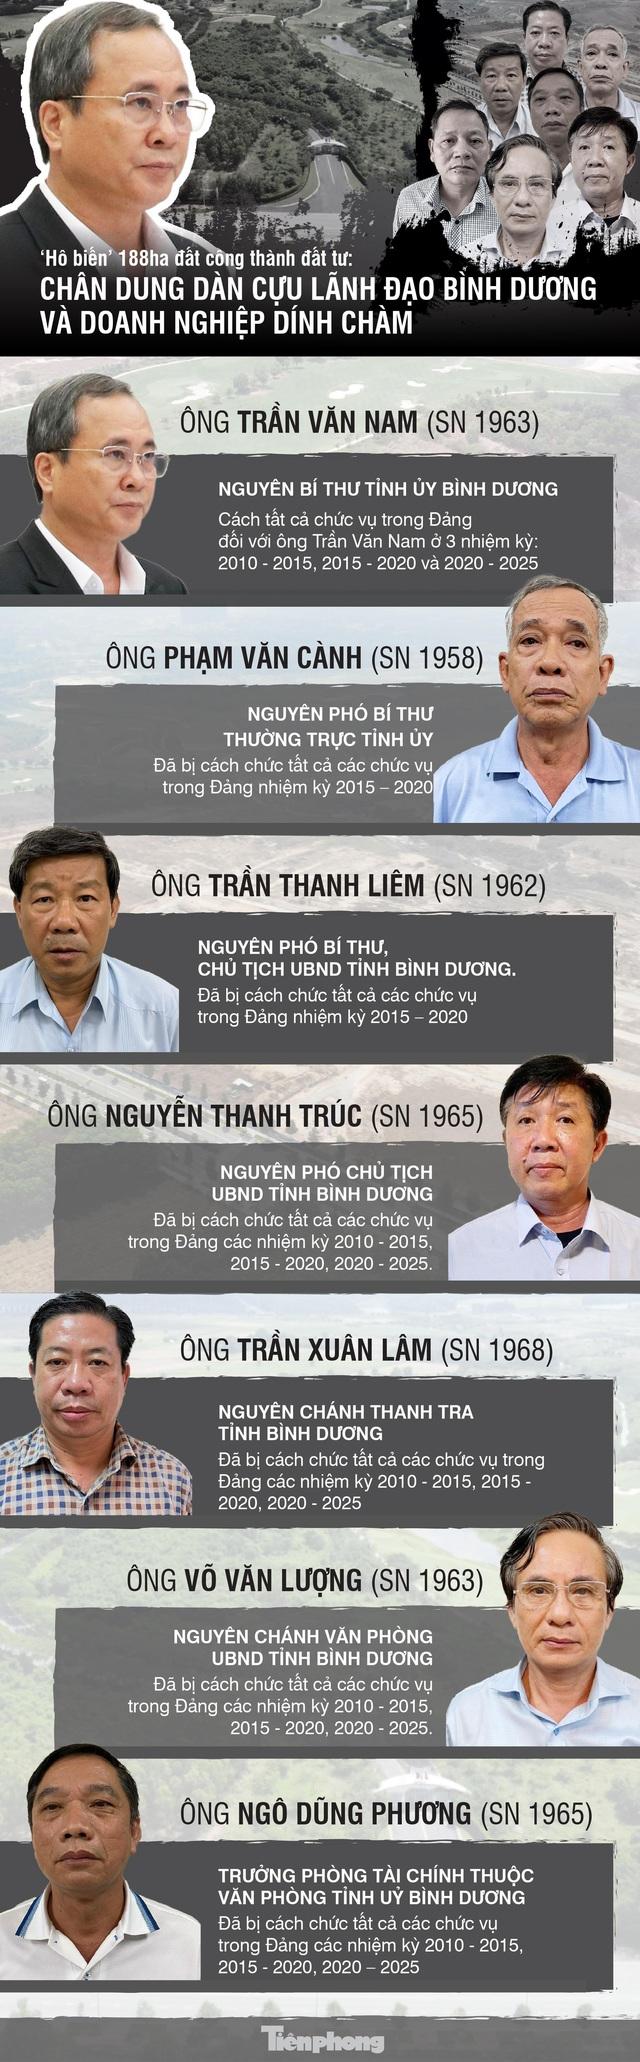 'Hô biến' đất công thành đất tư: Chân dung dàn cựu lãnh đạo Bình Dương dính chàm - Ảnh 1.